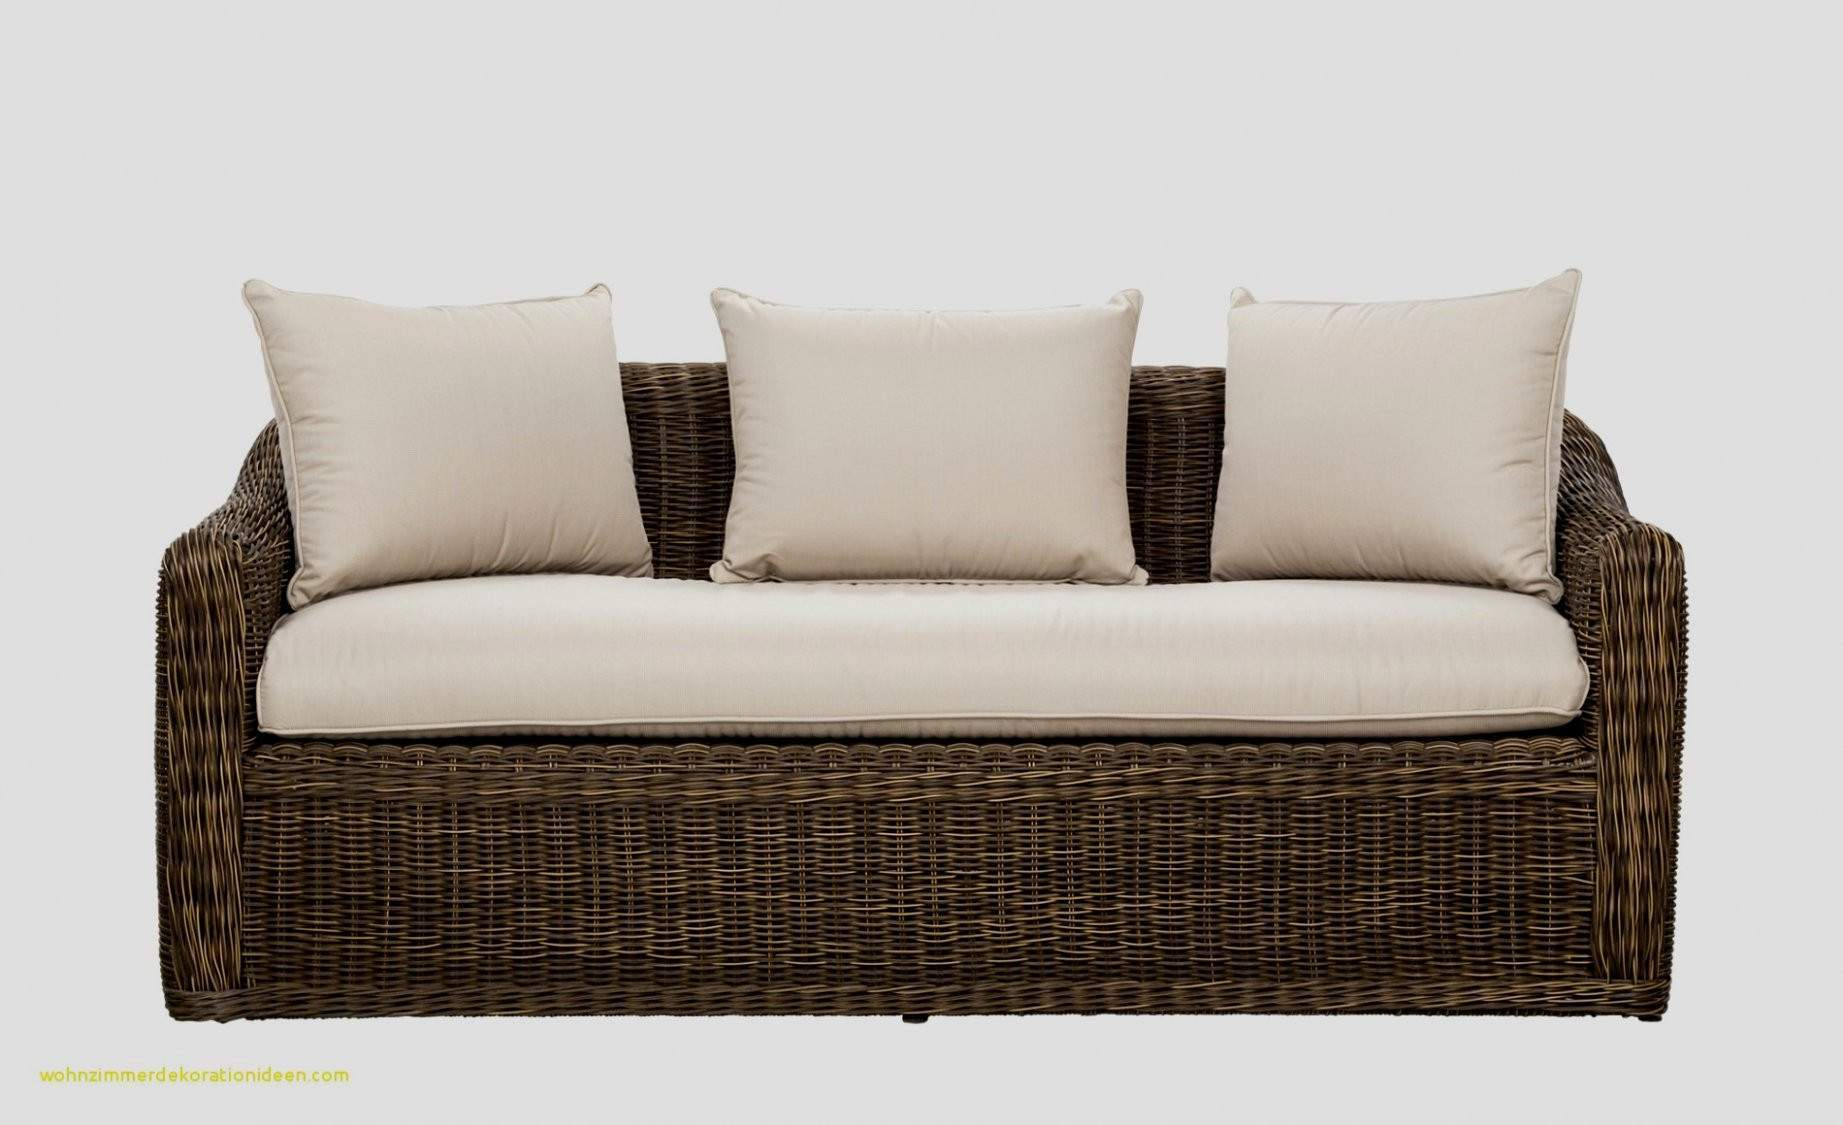 Full Size of Rattan Sofa Wohnzimmer Neu Schn Couch Xxxl Bunt Grünes Federkern Landhausstil Ikea Mit Schlaffunktion Günstiges Elektrischer Sitztiefenverstellung Xxl U Form Sofa Rattan Sofa